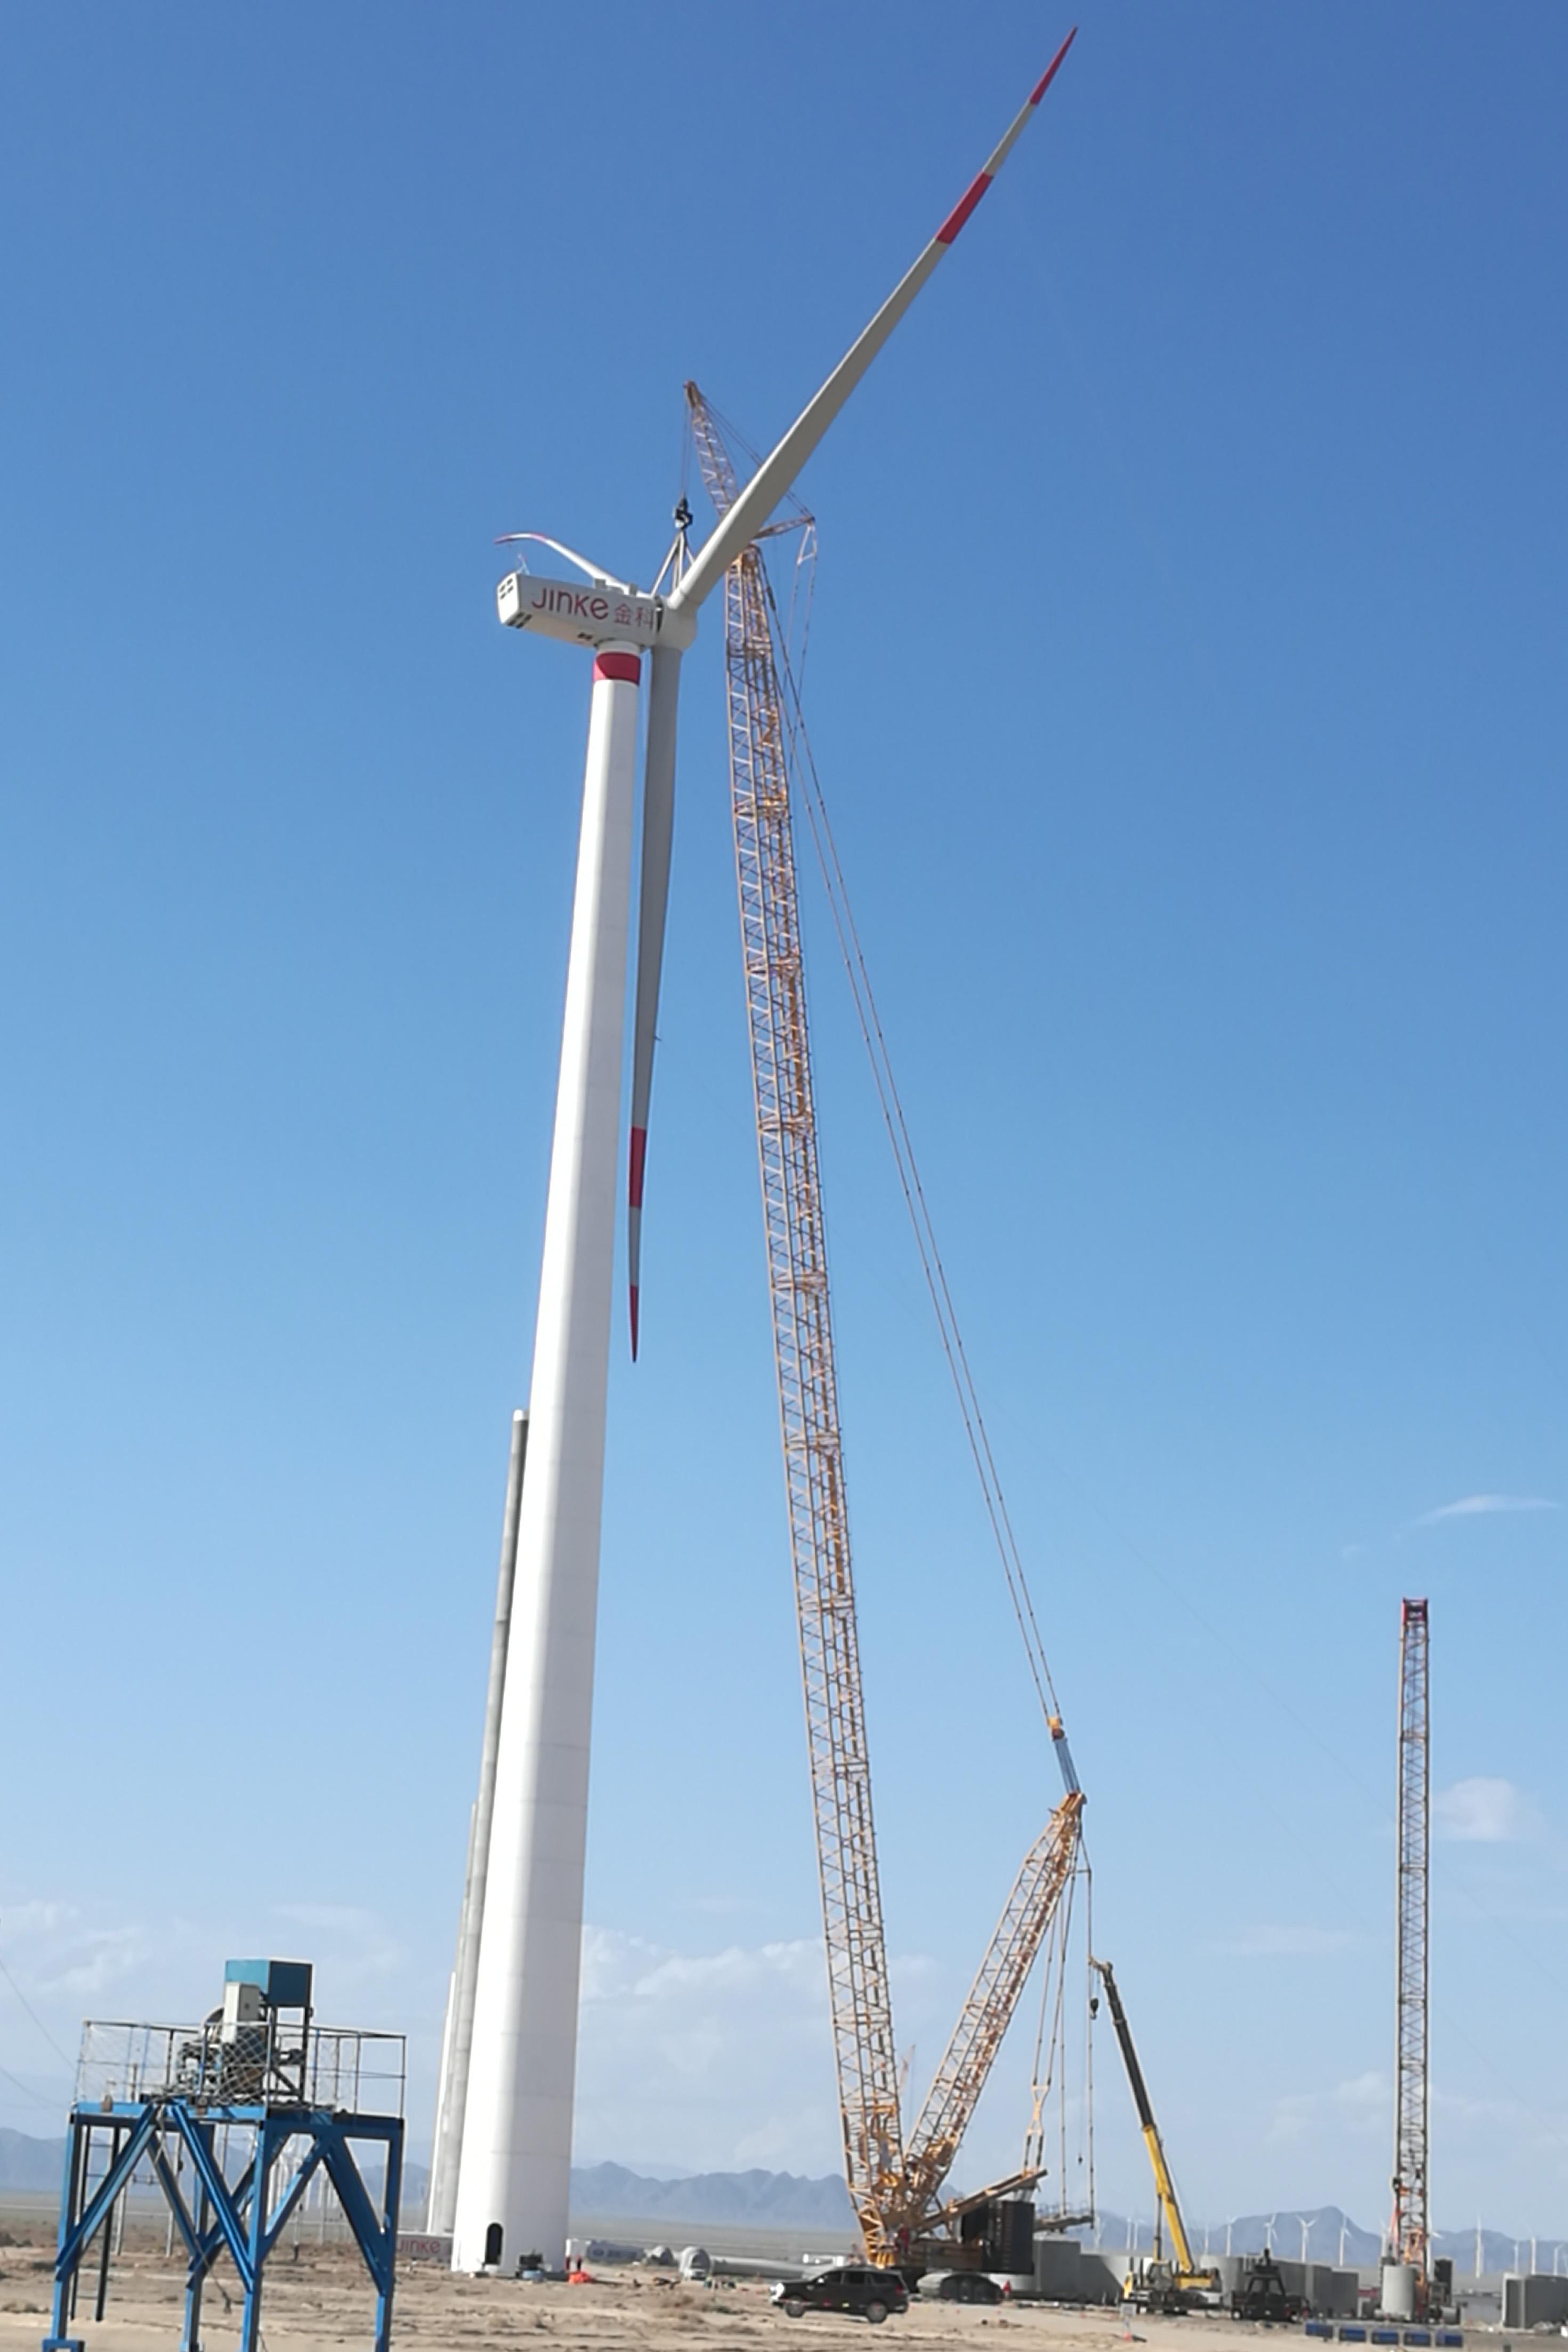 MJ-2017年,新疆哈密风电项目采用OVM锚固体系及塔筒安装施工——国内首例、世界最高混凝土风电塔筒(120米)-1.jpg